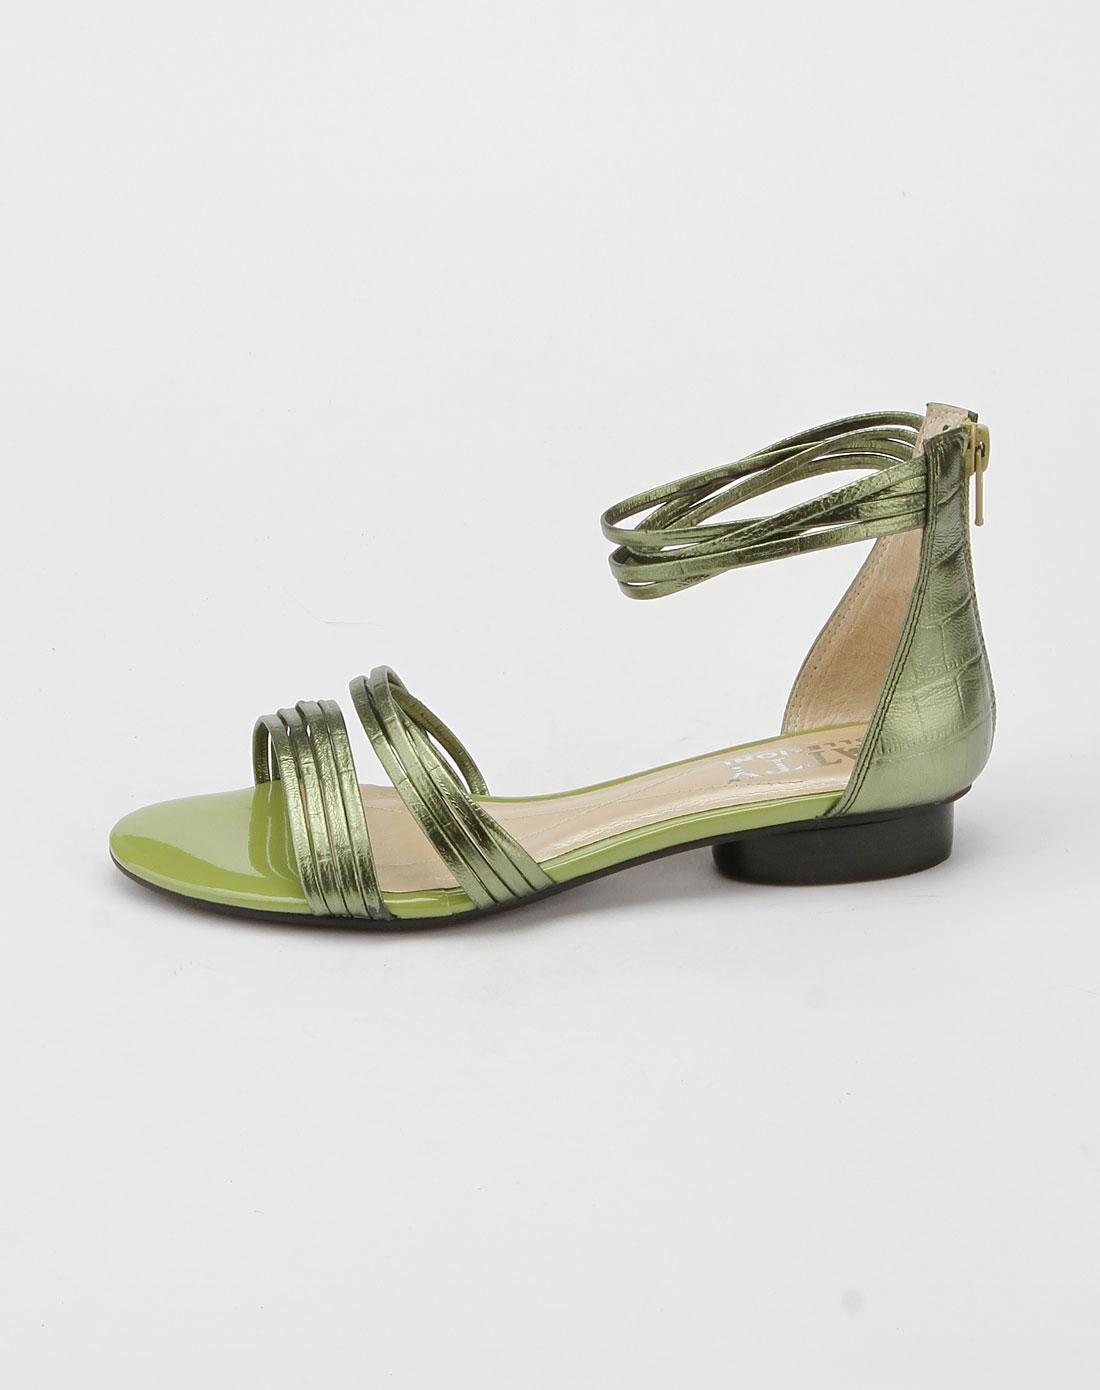 芭迪patty女款绿色时尚凉鞋